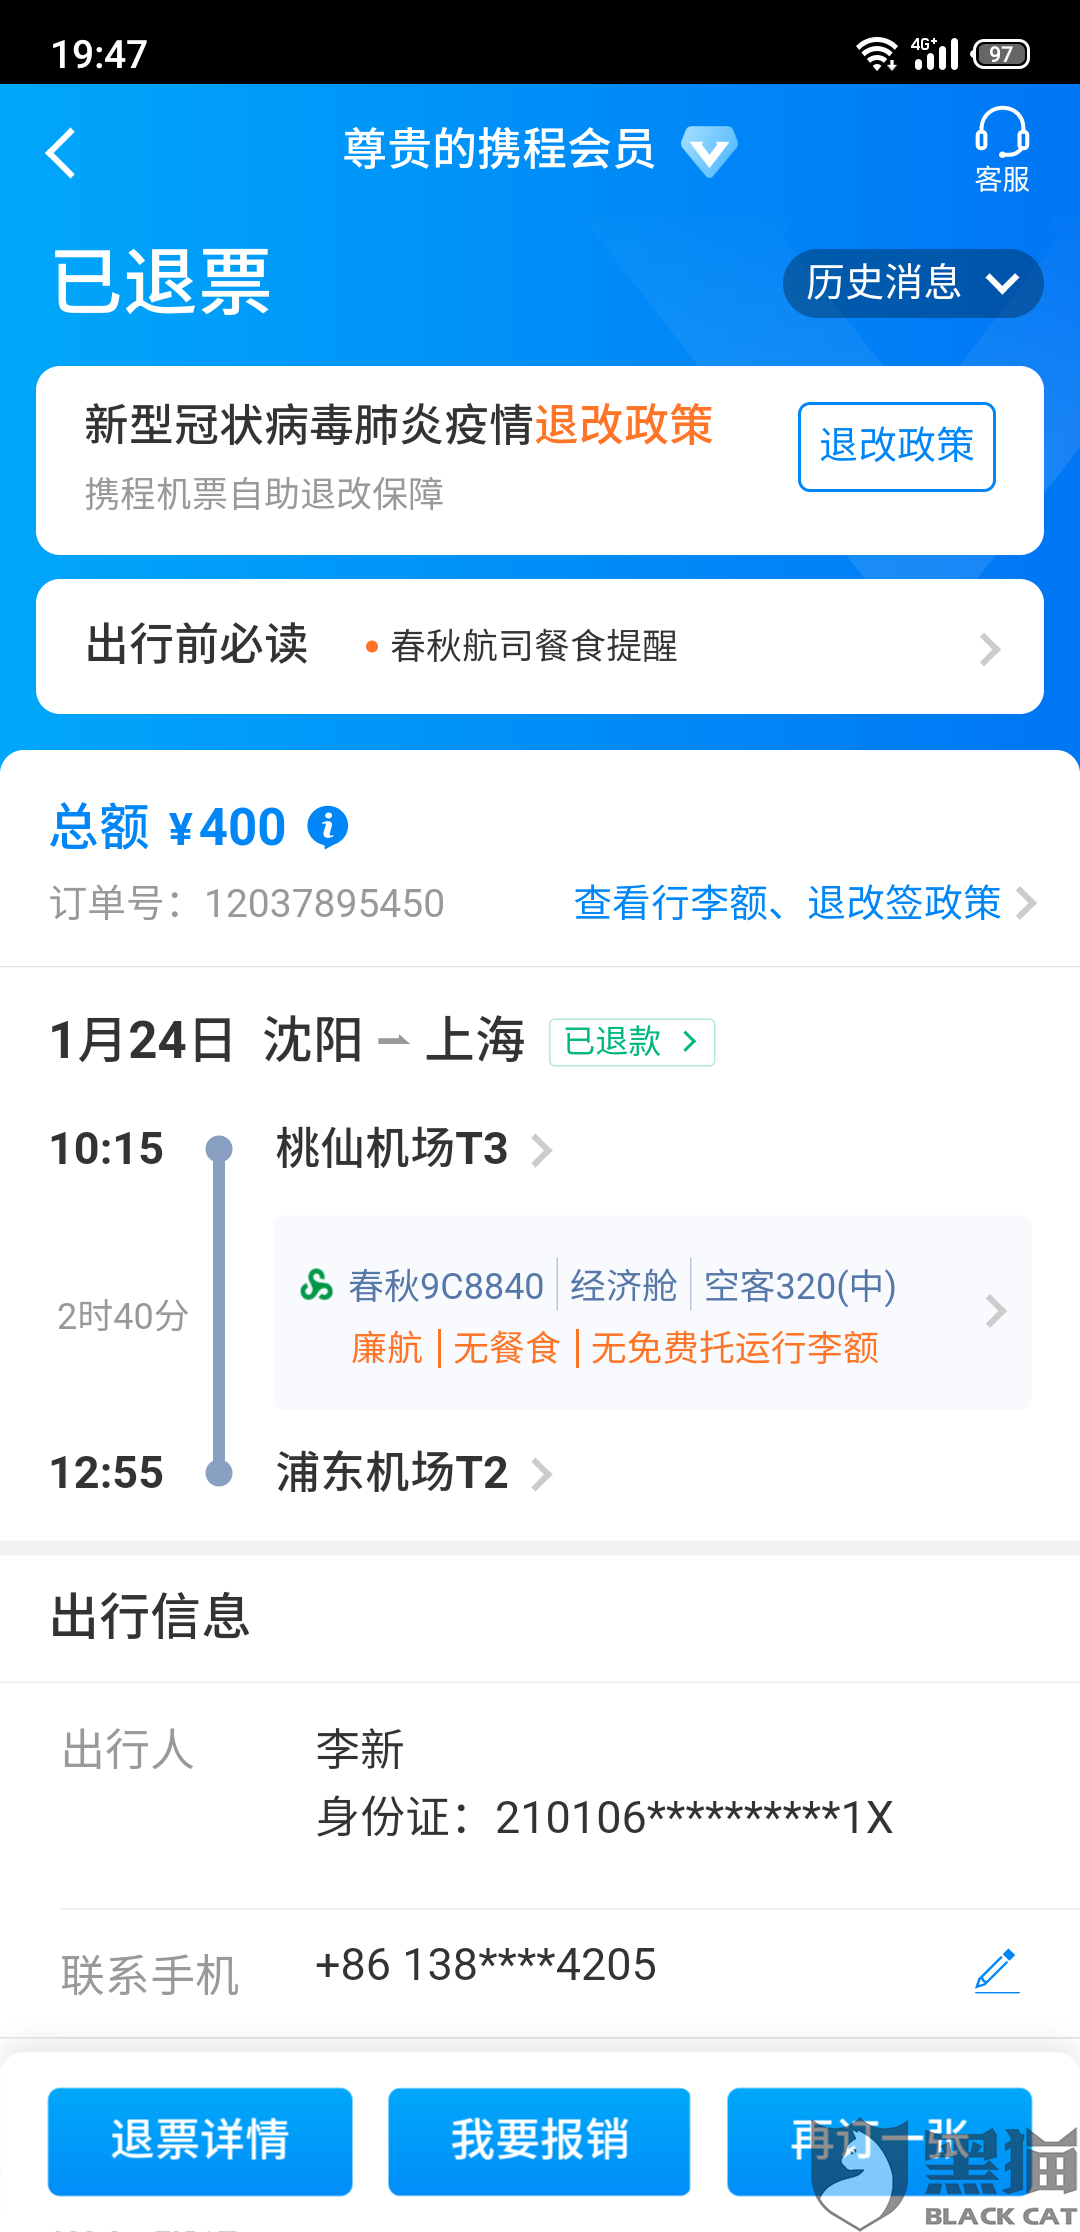 黑猫投诉:春秋航空对24日0时之前的退票予以补退手续费等!